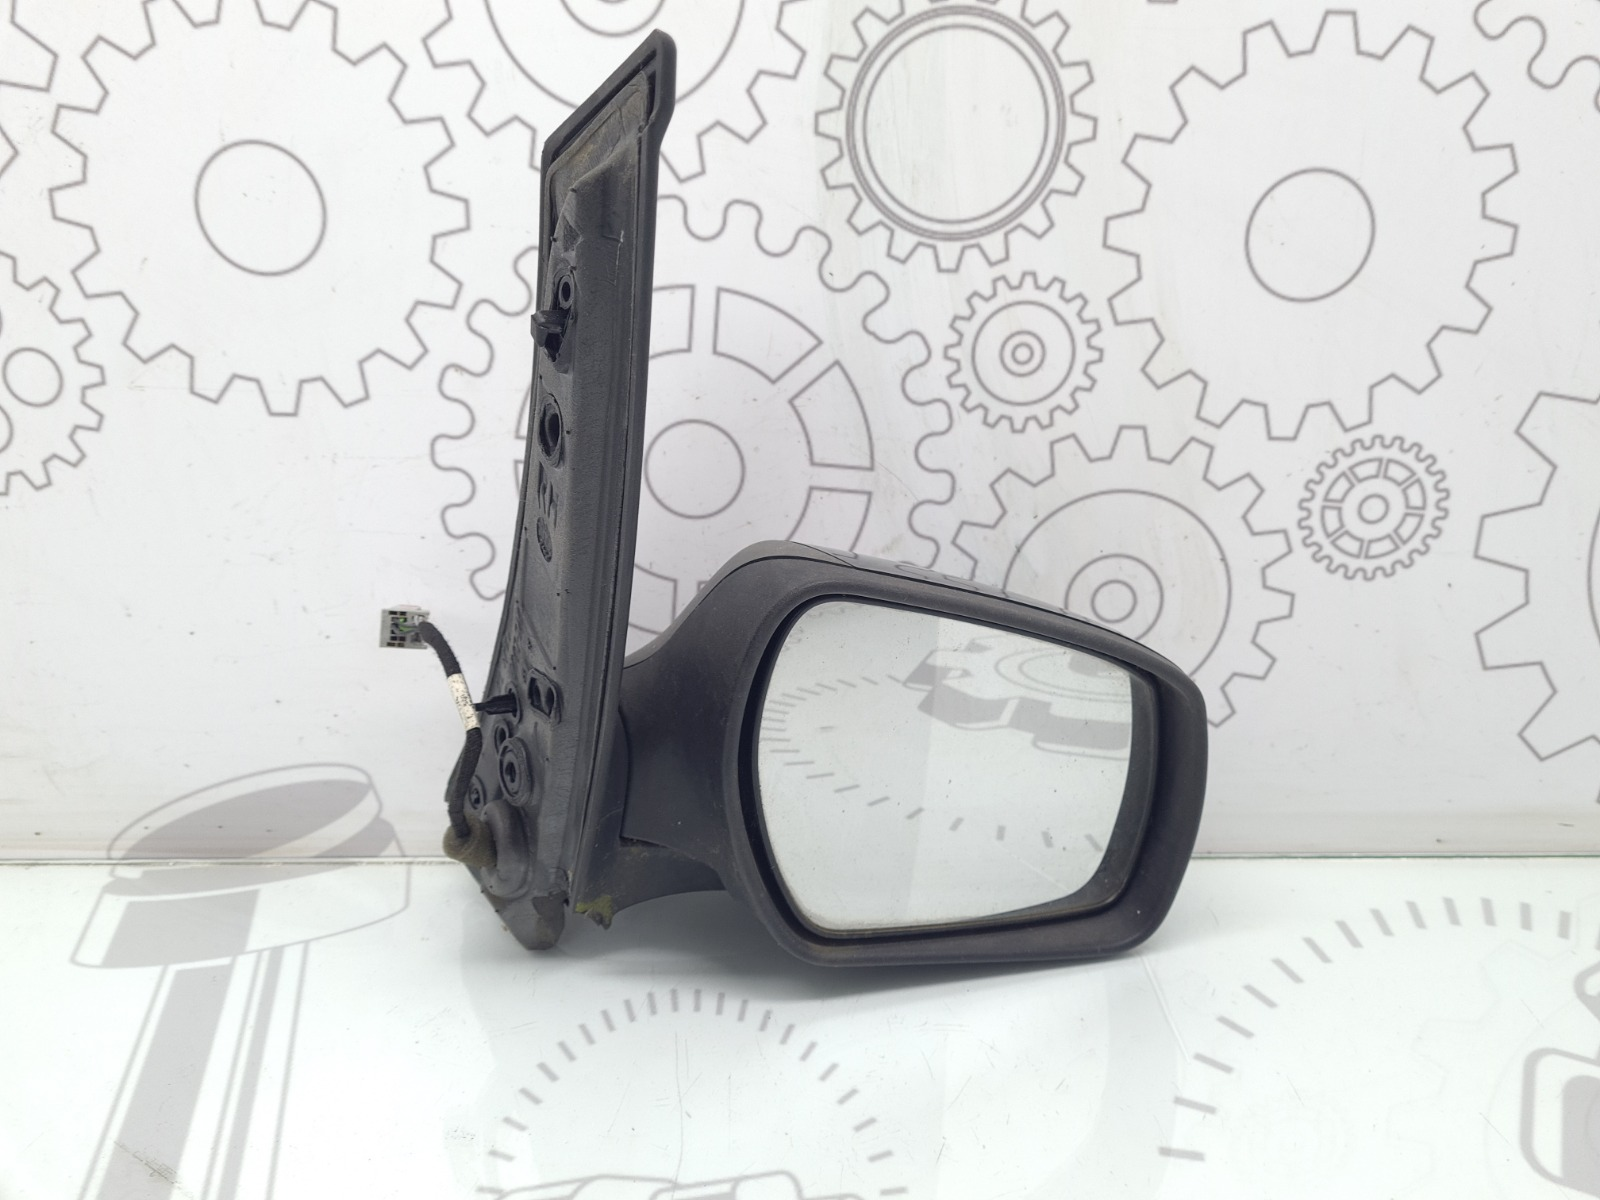 Зеркало наружное правое Ford C-Max 1.6 TDCI 2010 (б/у)